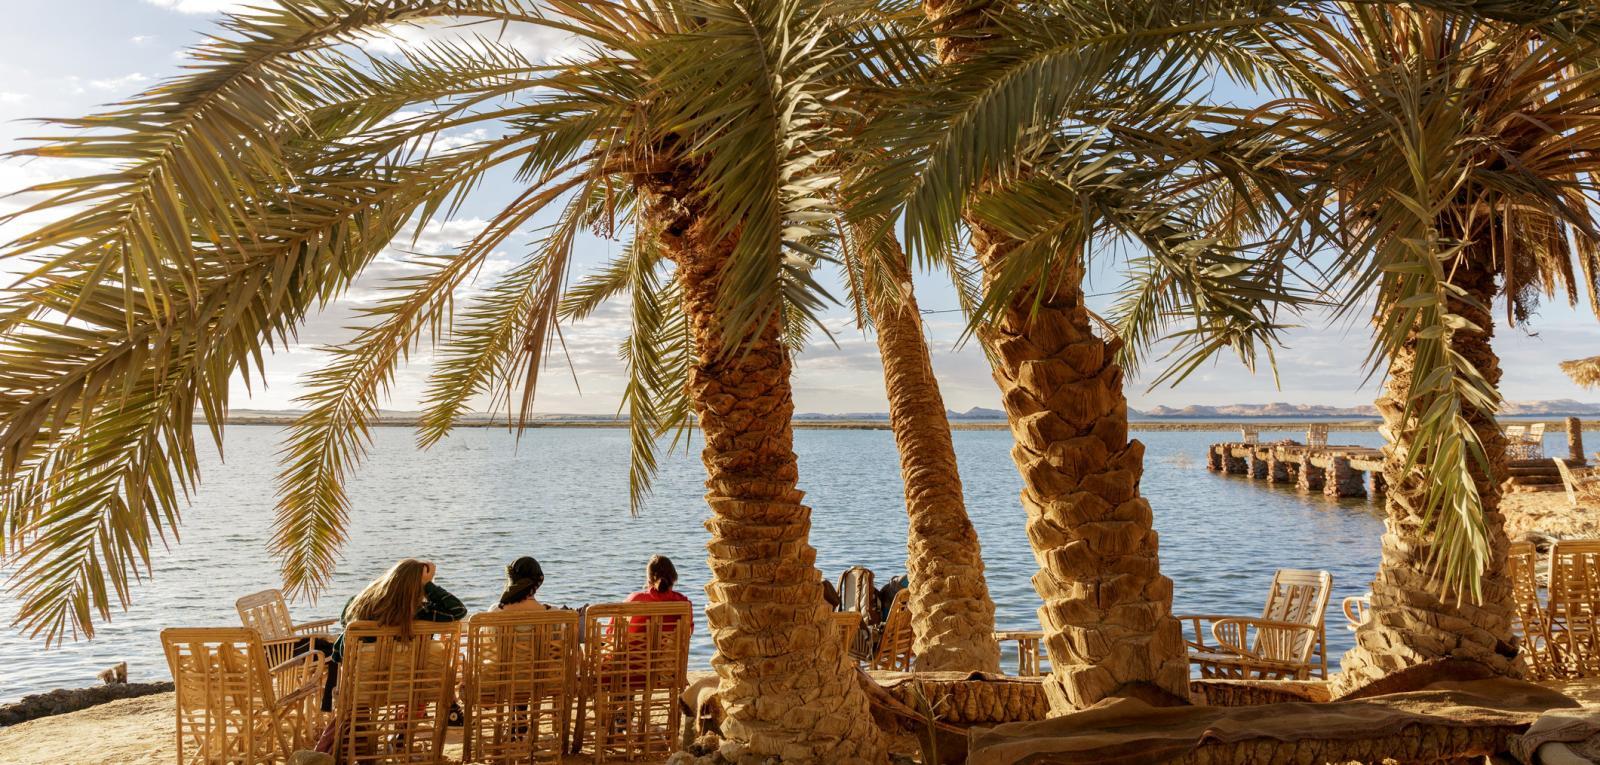 siwa, siwa egypt, siwa Oasis egypt, the oasis of siwa, deluxe tours egypt, travel to siwa, cairo to siwa